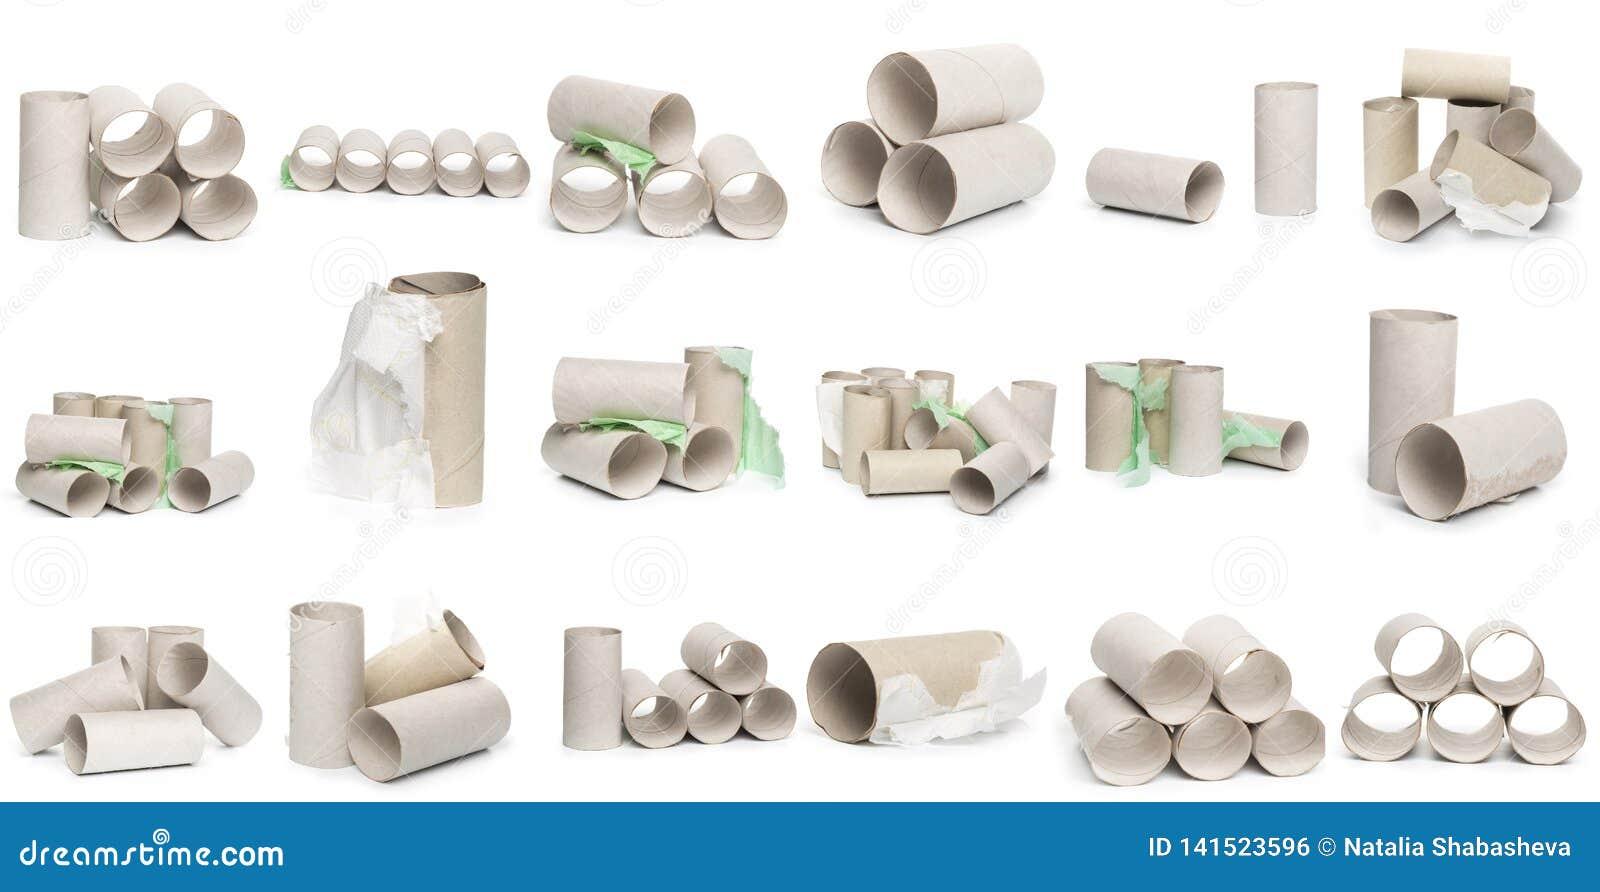 Uma seleção dos tubos do papel higiênico do cartão em vários arranjos isolados em um fundo branco